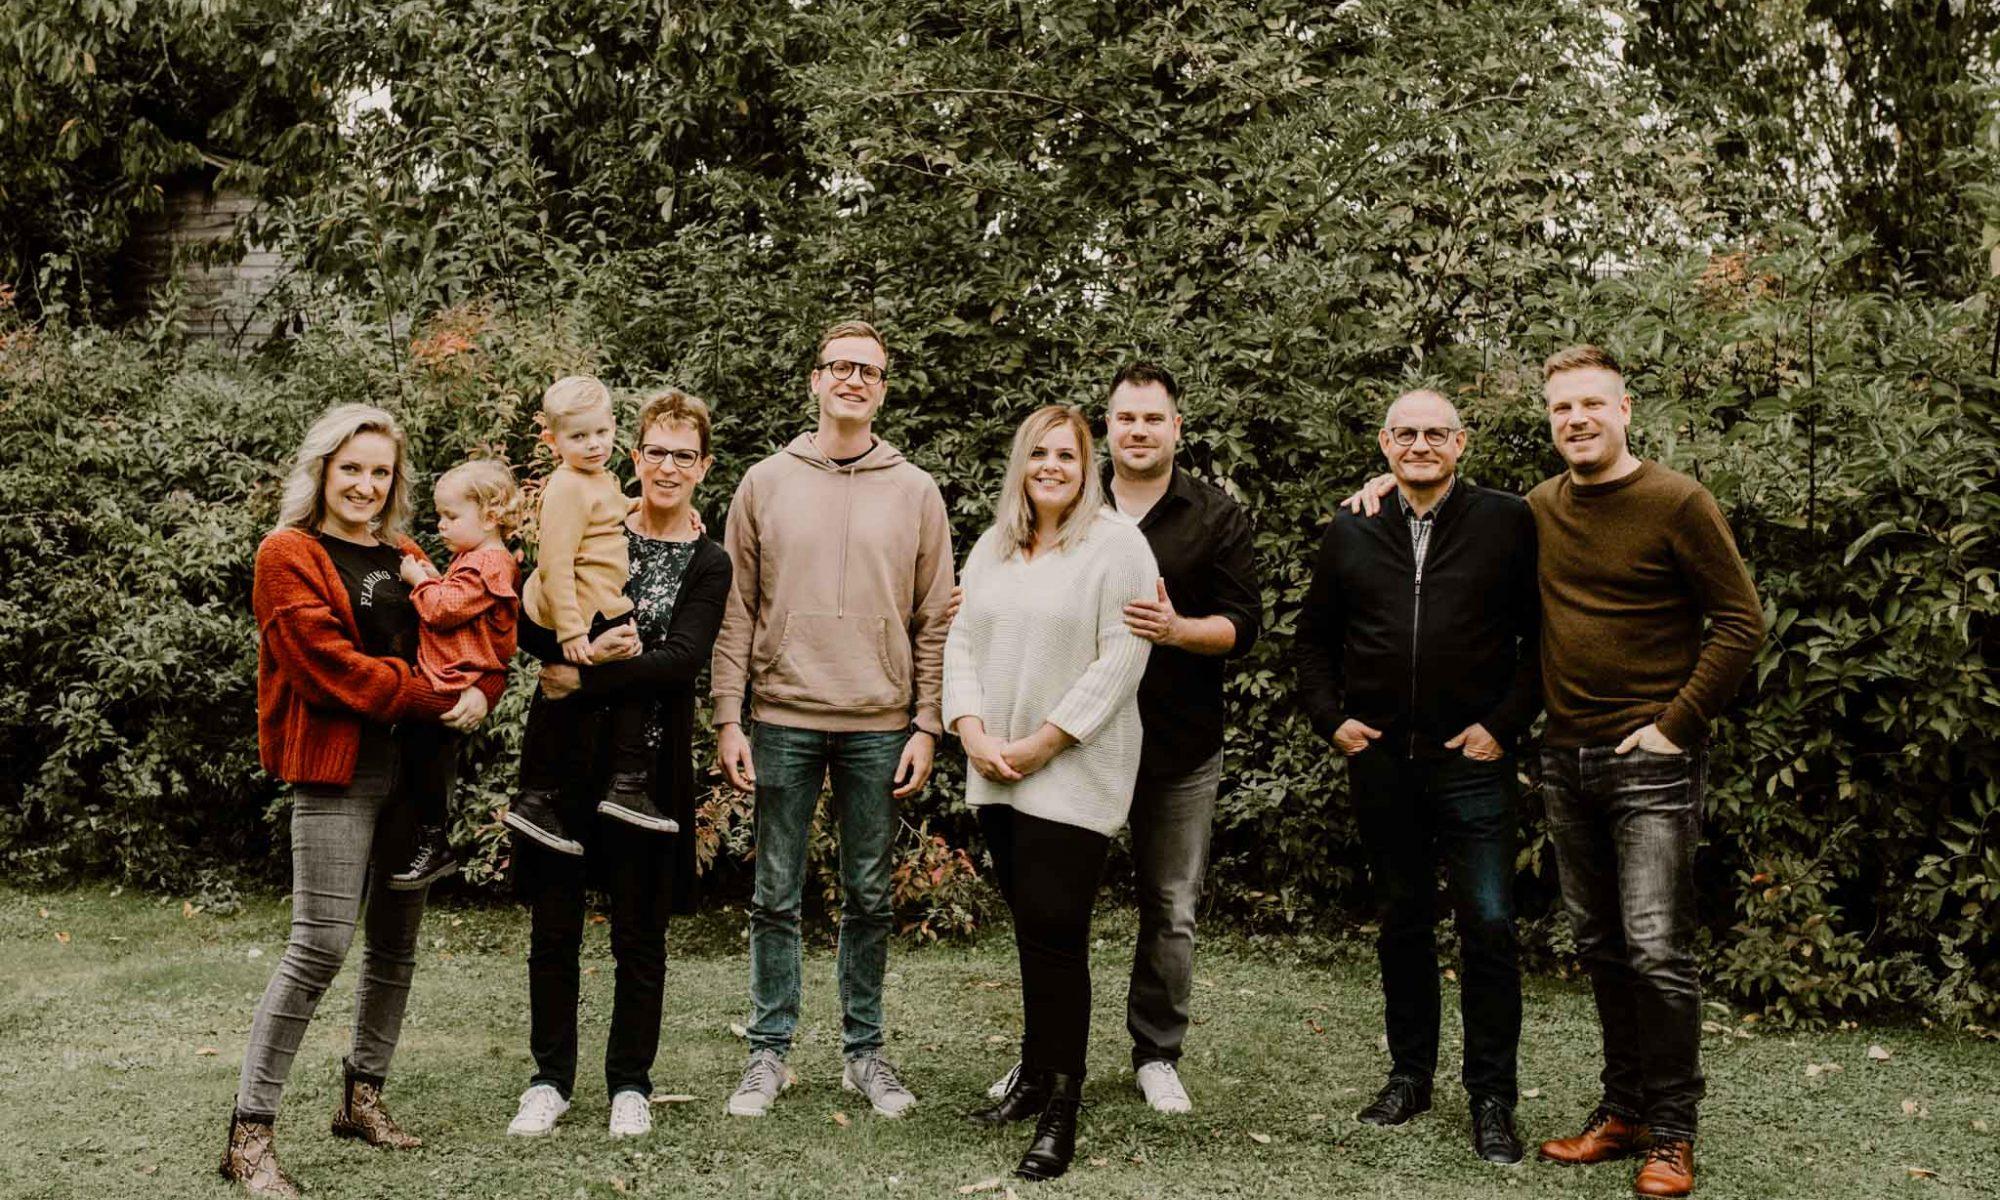 Une séance famille à offranville normandie Anne letournel